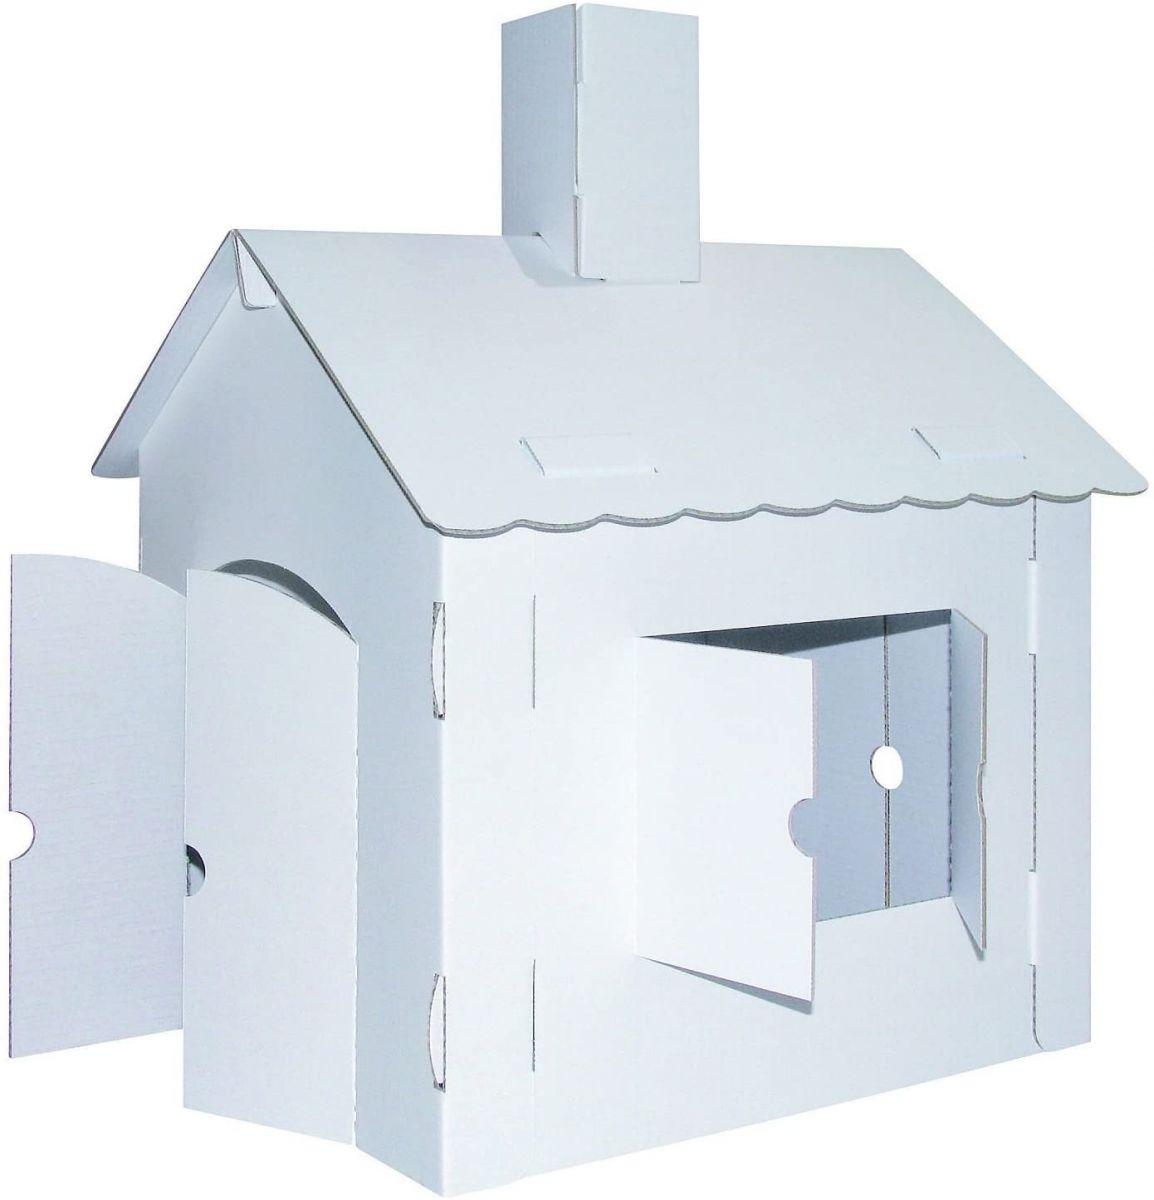 Domek biały z papieru do skonstruowania i pomalowania